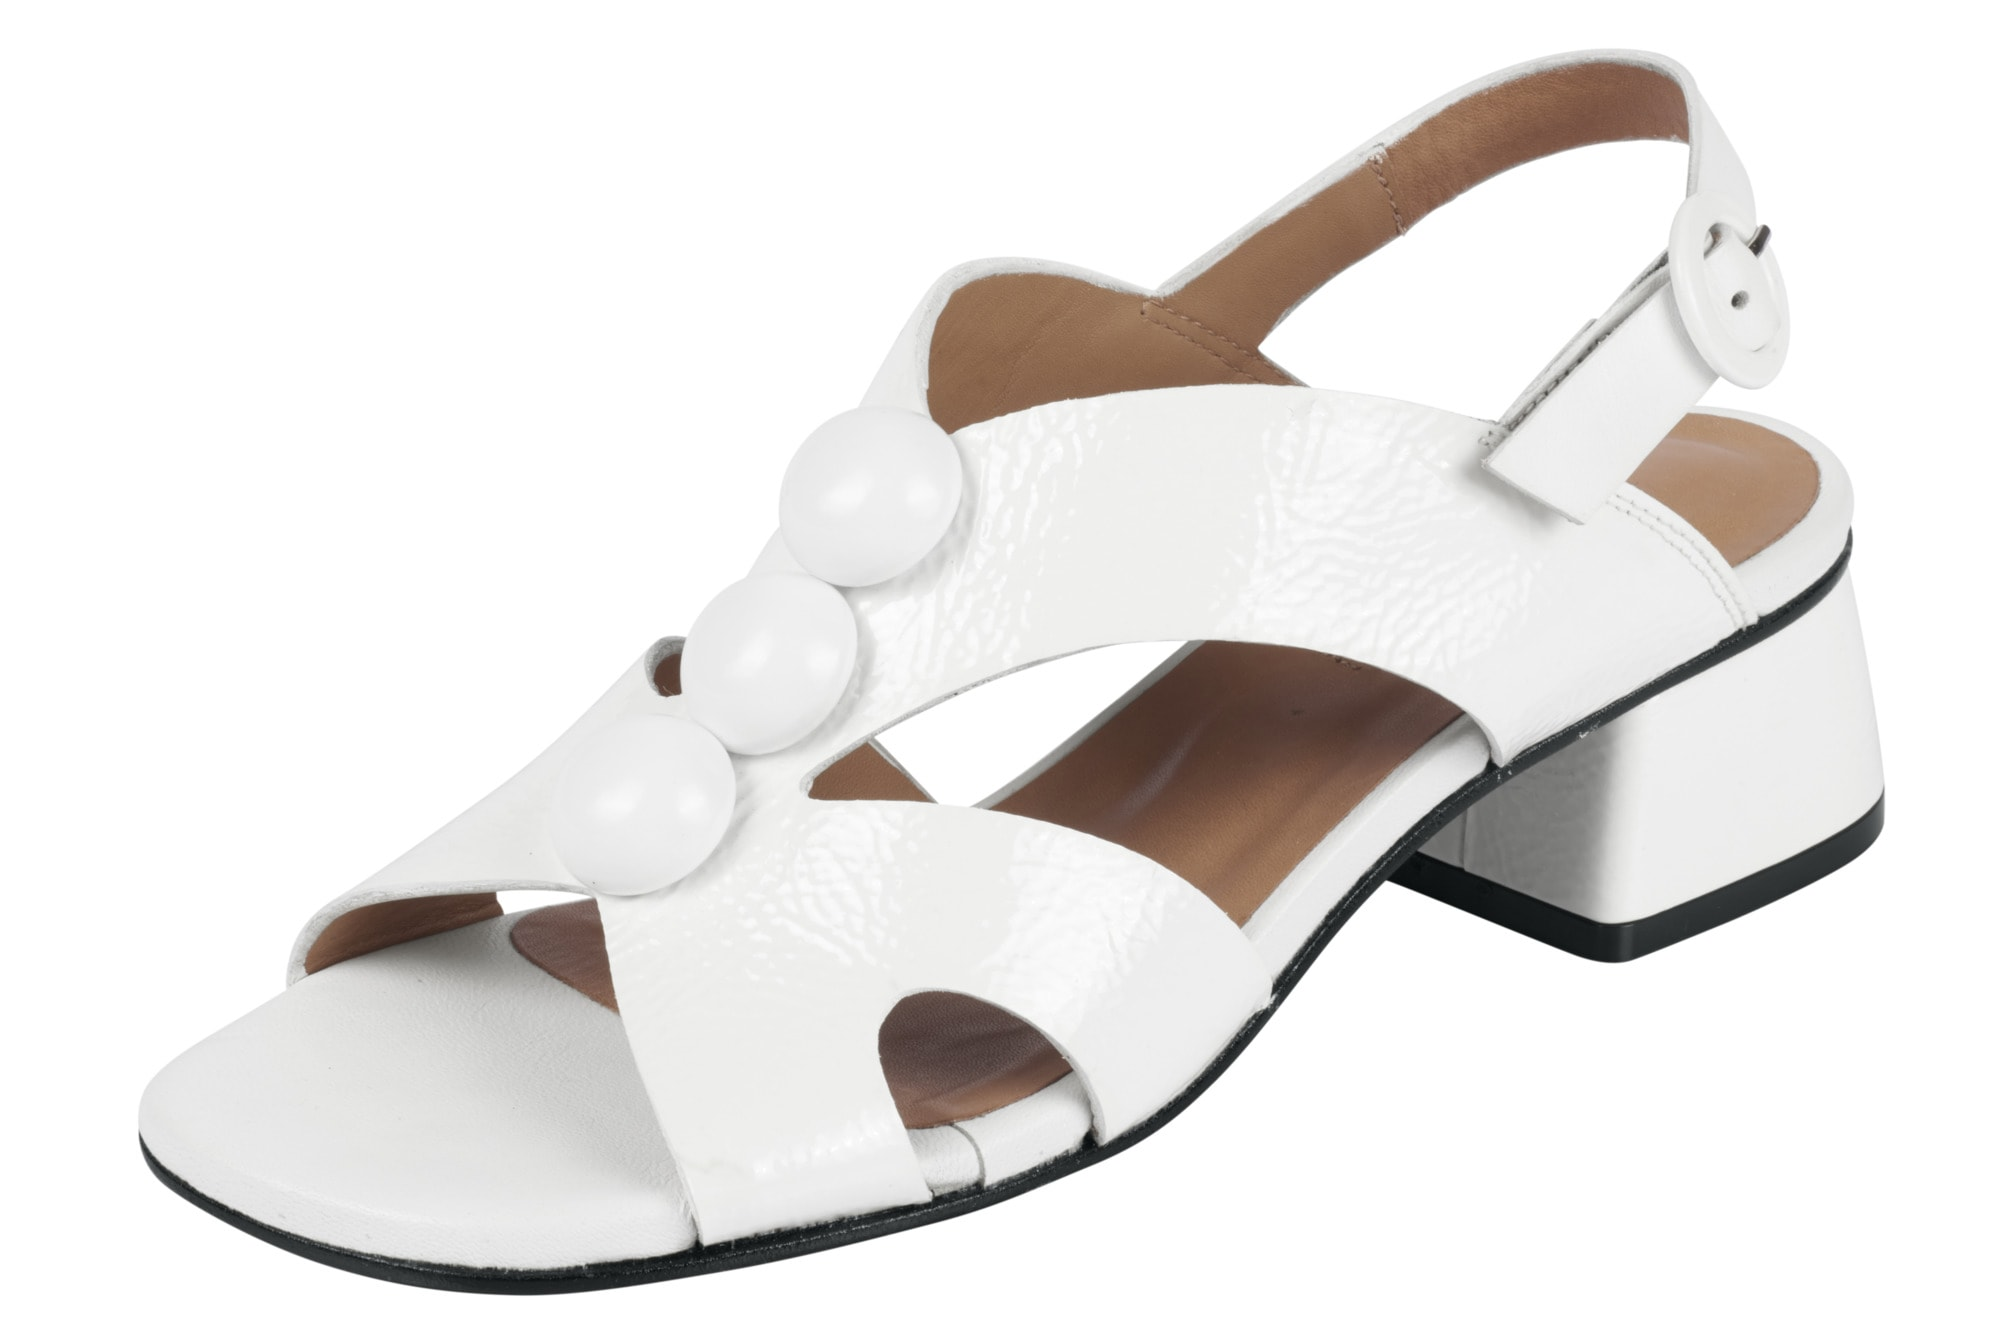 ZINDA Sandalette aus Lackleder